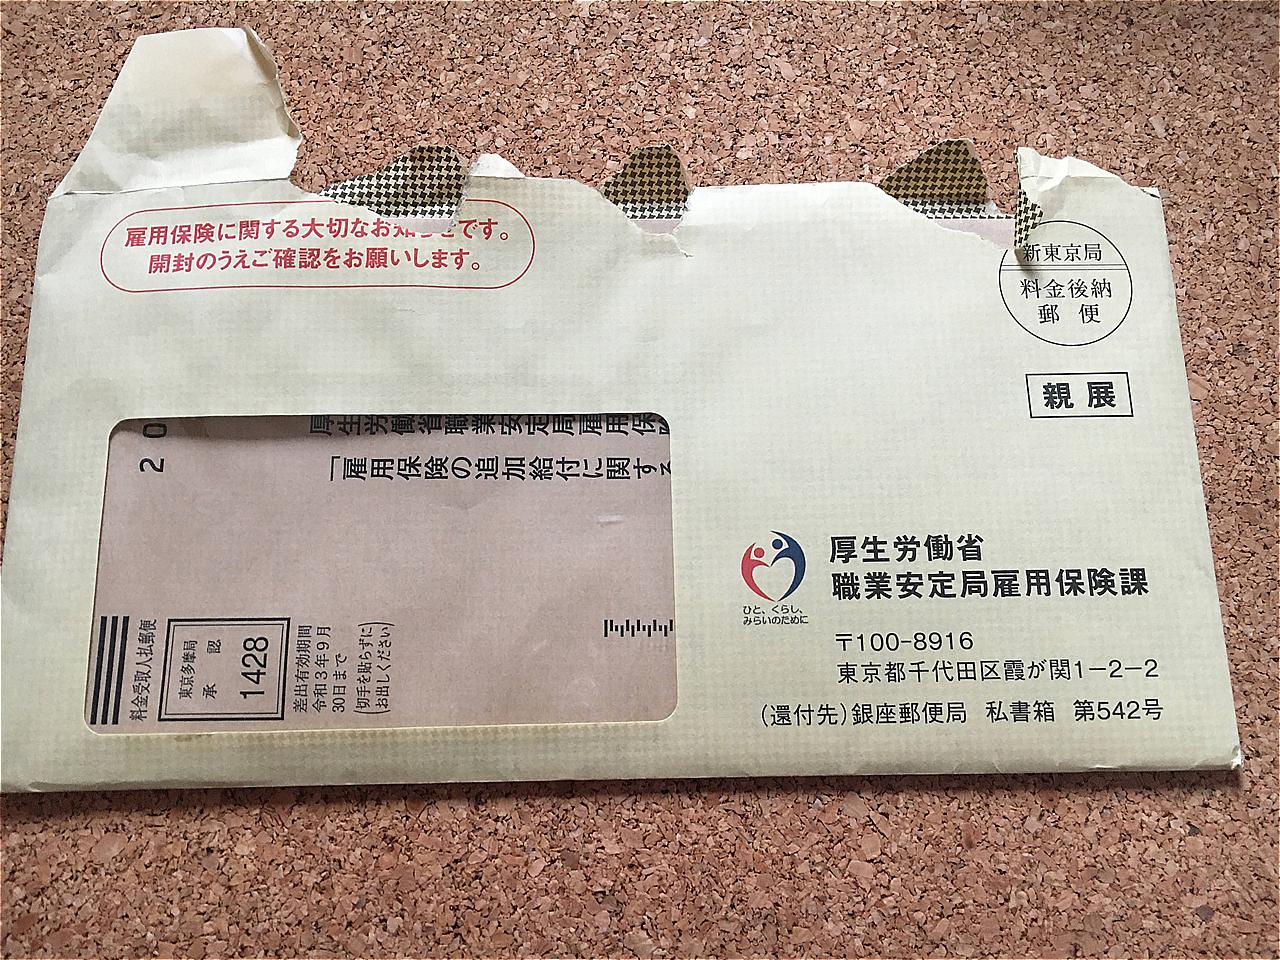 厚労省 職業安定局雇用保険課封筒